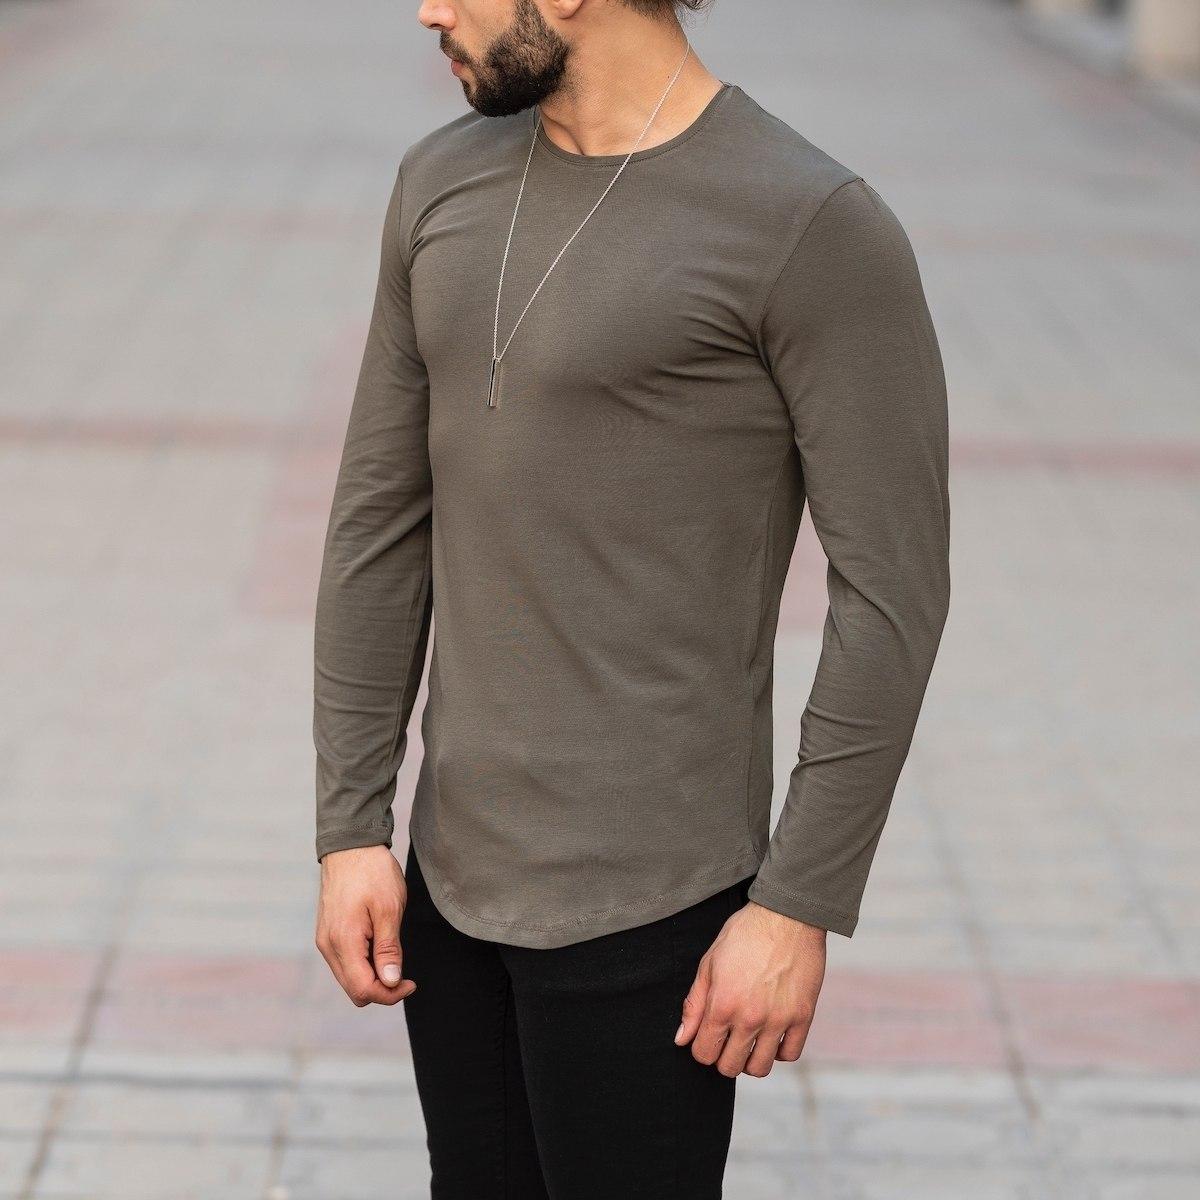 Basic Sweatshirt In Khaki Mv Premium Brand - 3